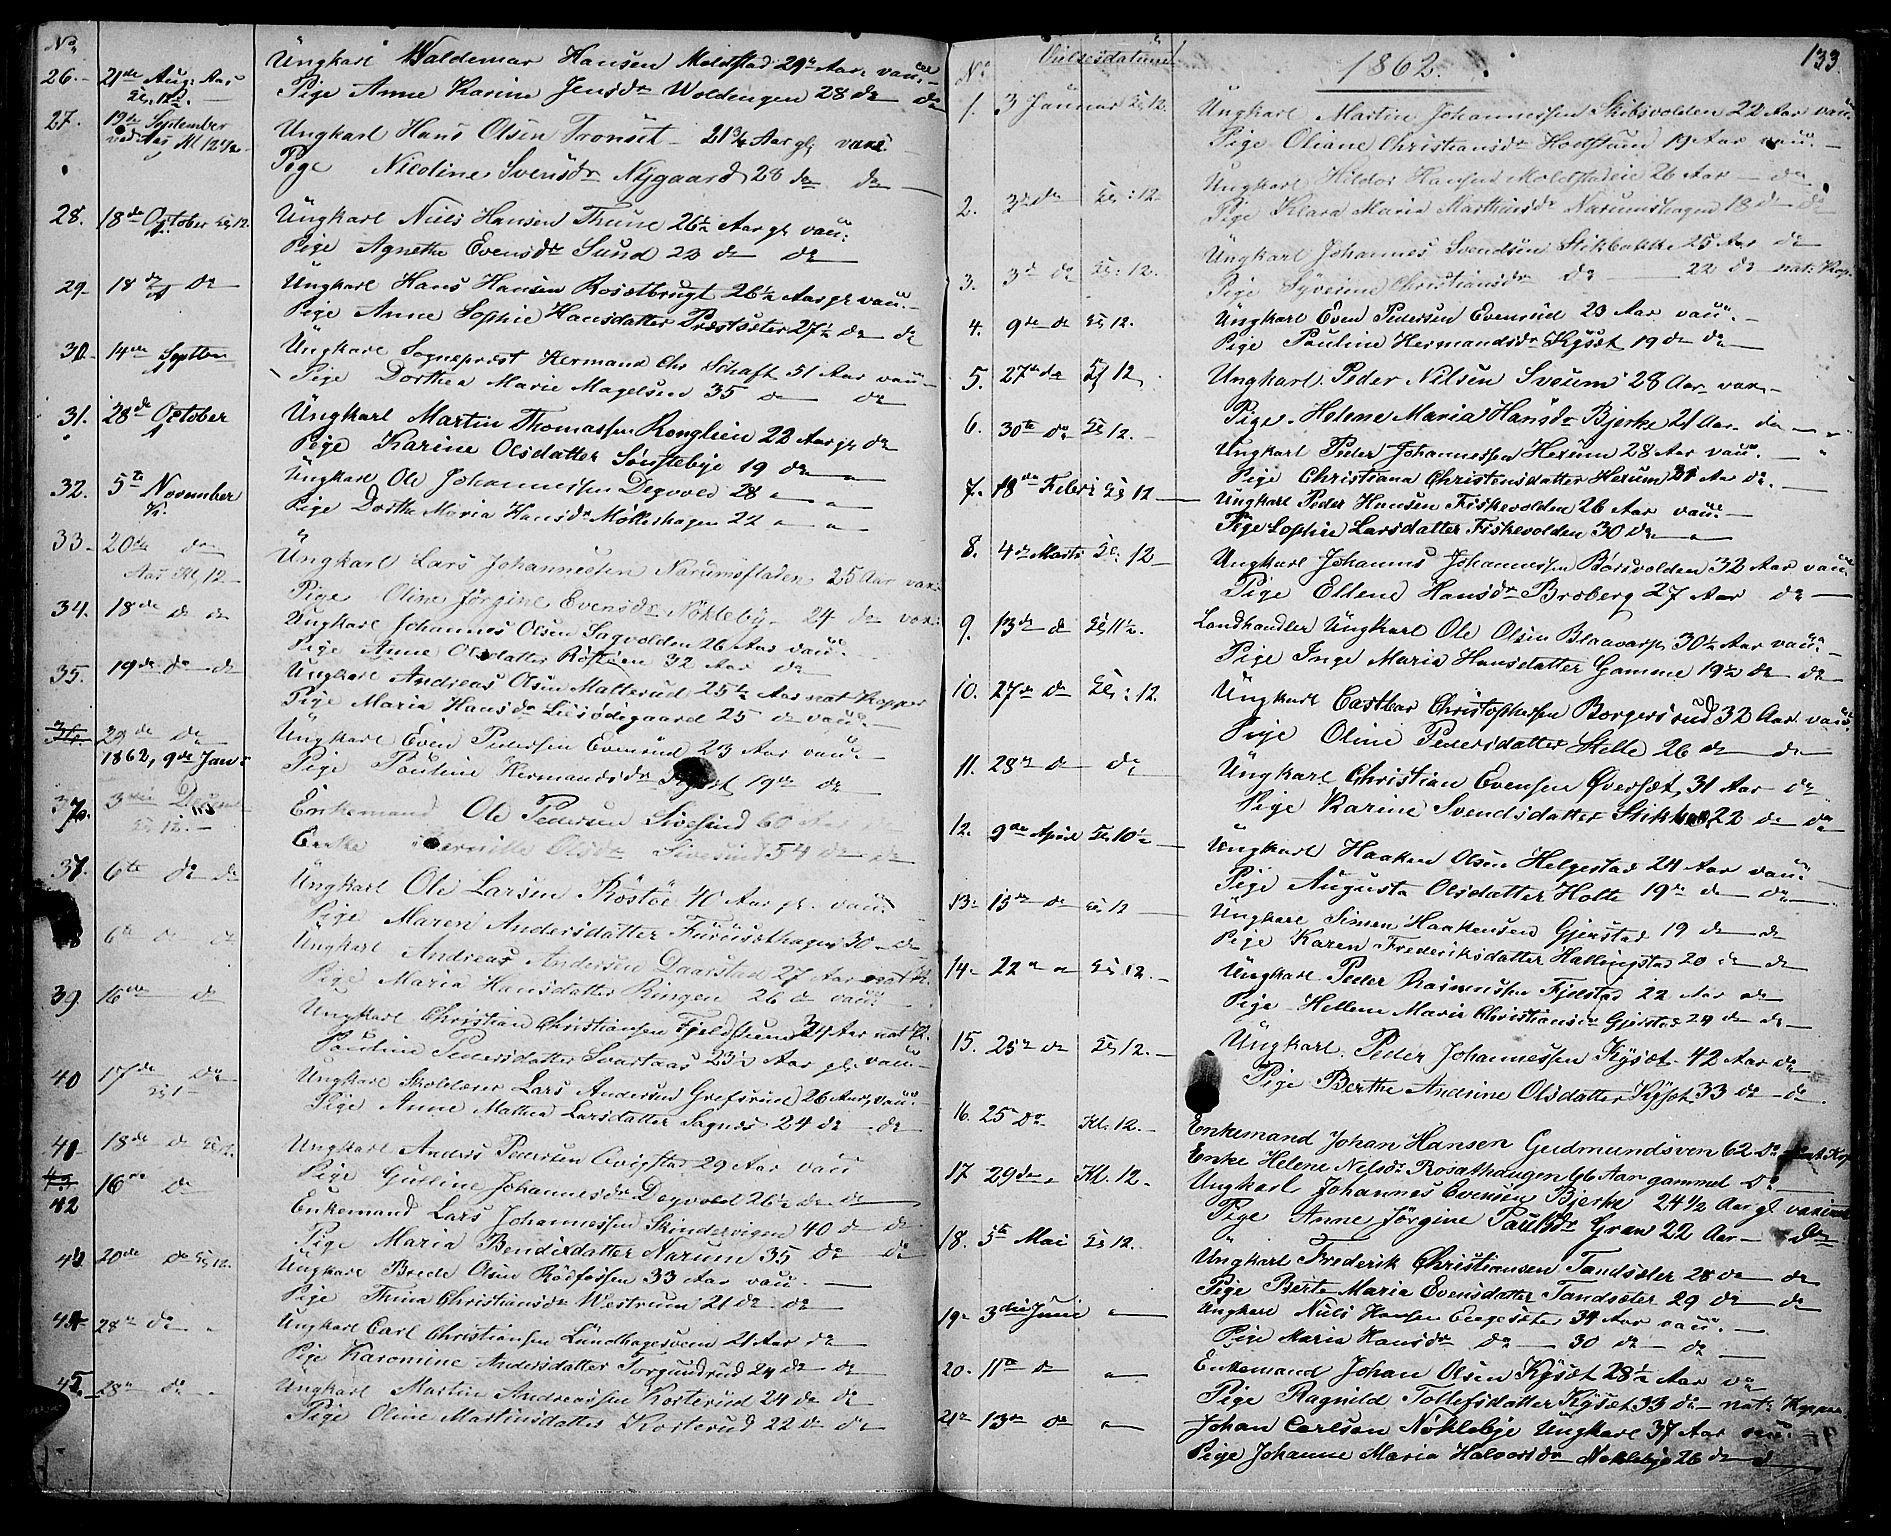 SAH, Vestre Toten prestekontor, H/Ha/Hab/L0005: Klokkerbok nr. 5, 1854-1870, s. 133